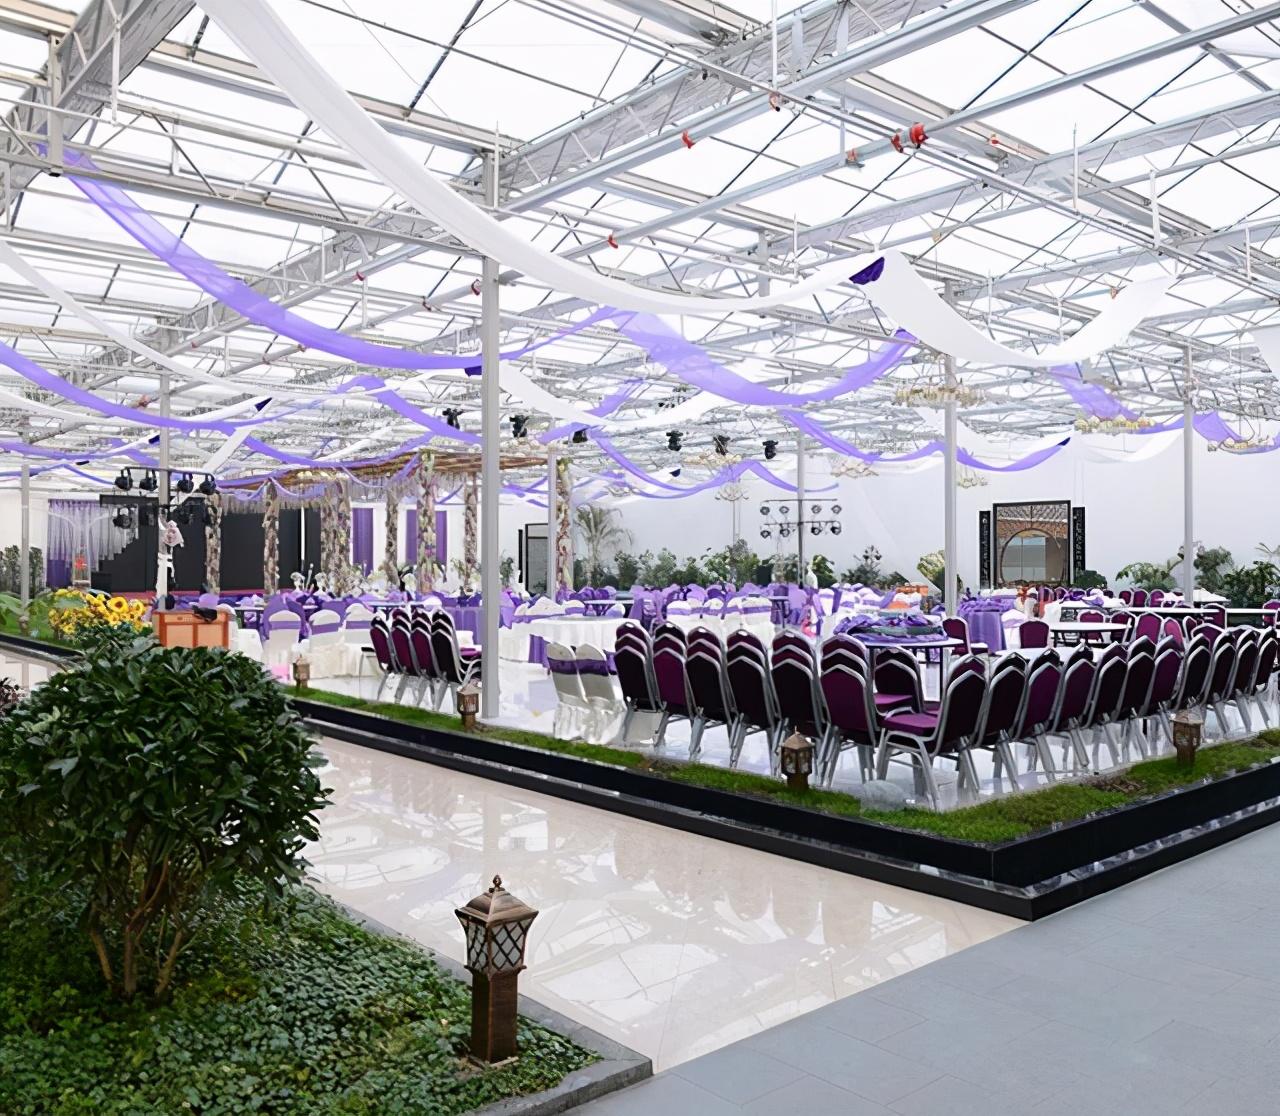 玻璃温室大棚+农业园主题你了解多少